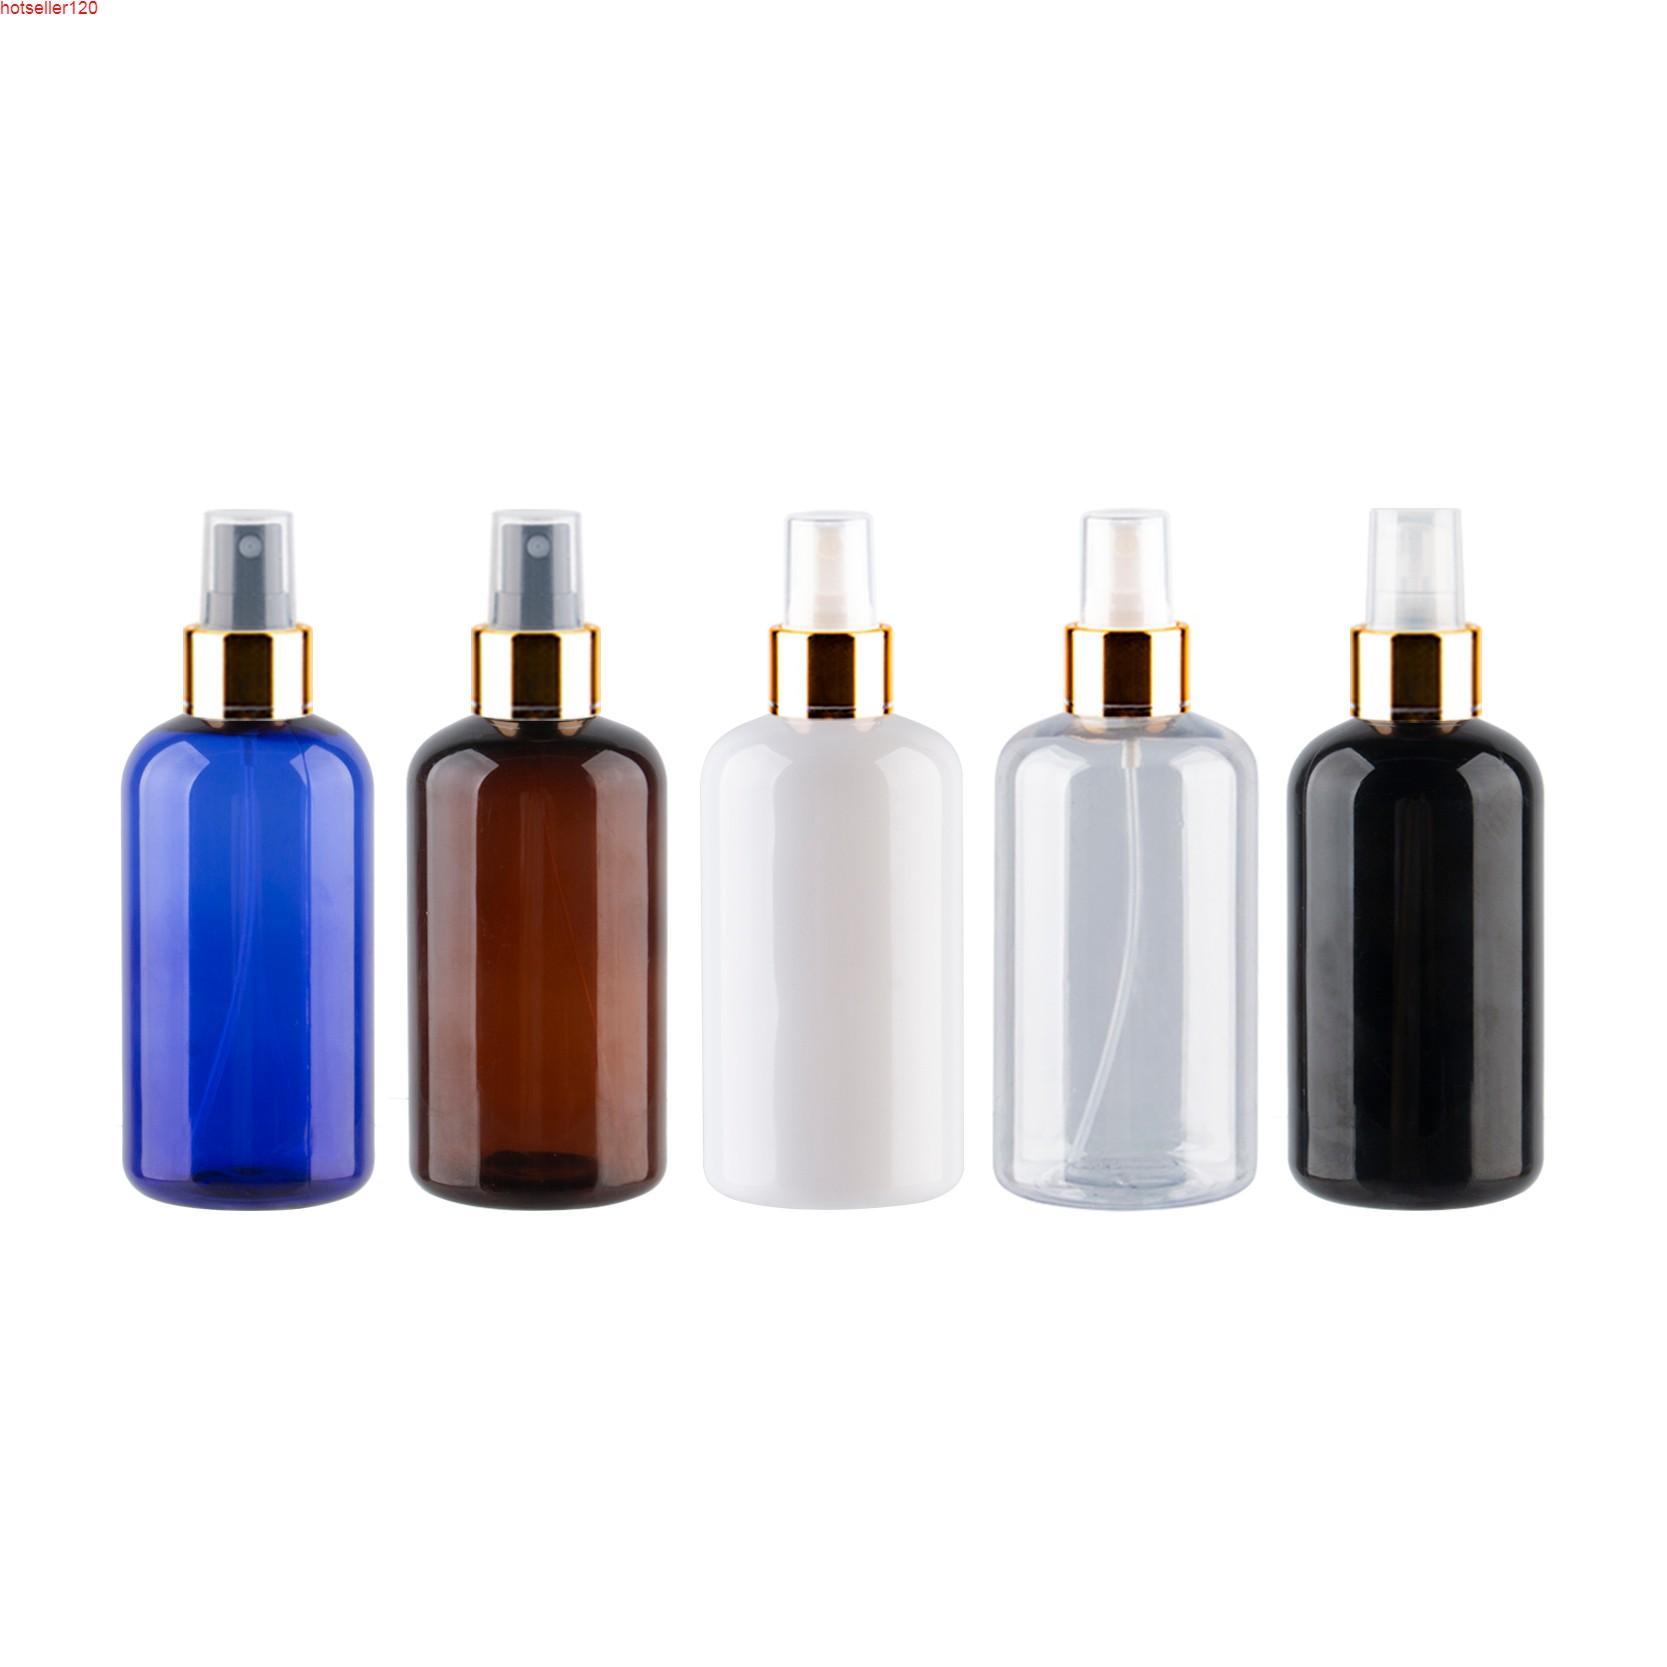 250ml x 12 Altın Alüminyum Sprey Pompası Şişeleri Şeffaf Mavi Kahverengi Sıvı Sabun Mist Püskürtücü Parfüm Için Bottlehigh Quatiy